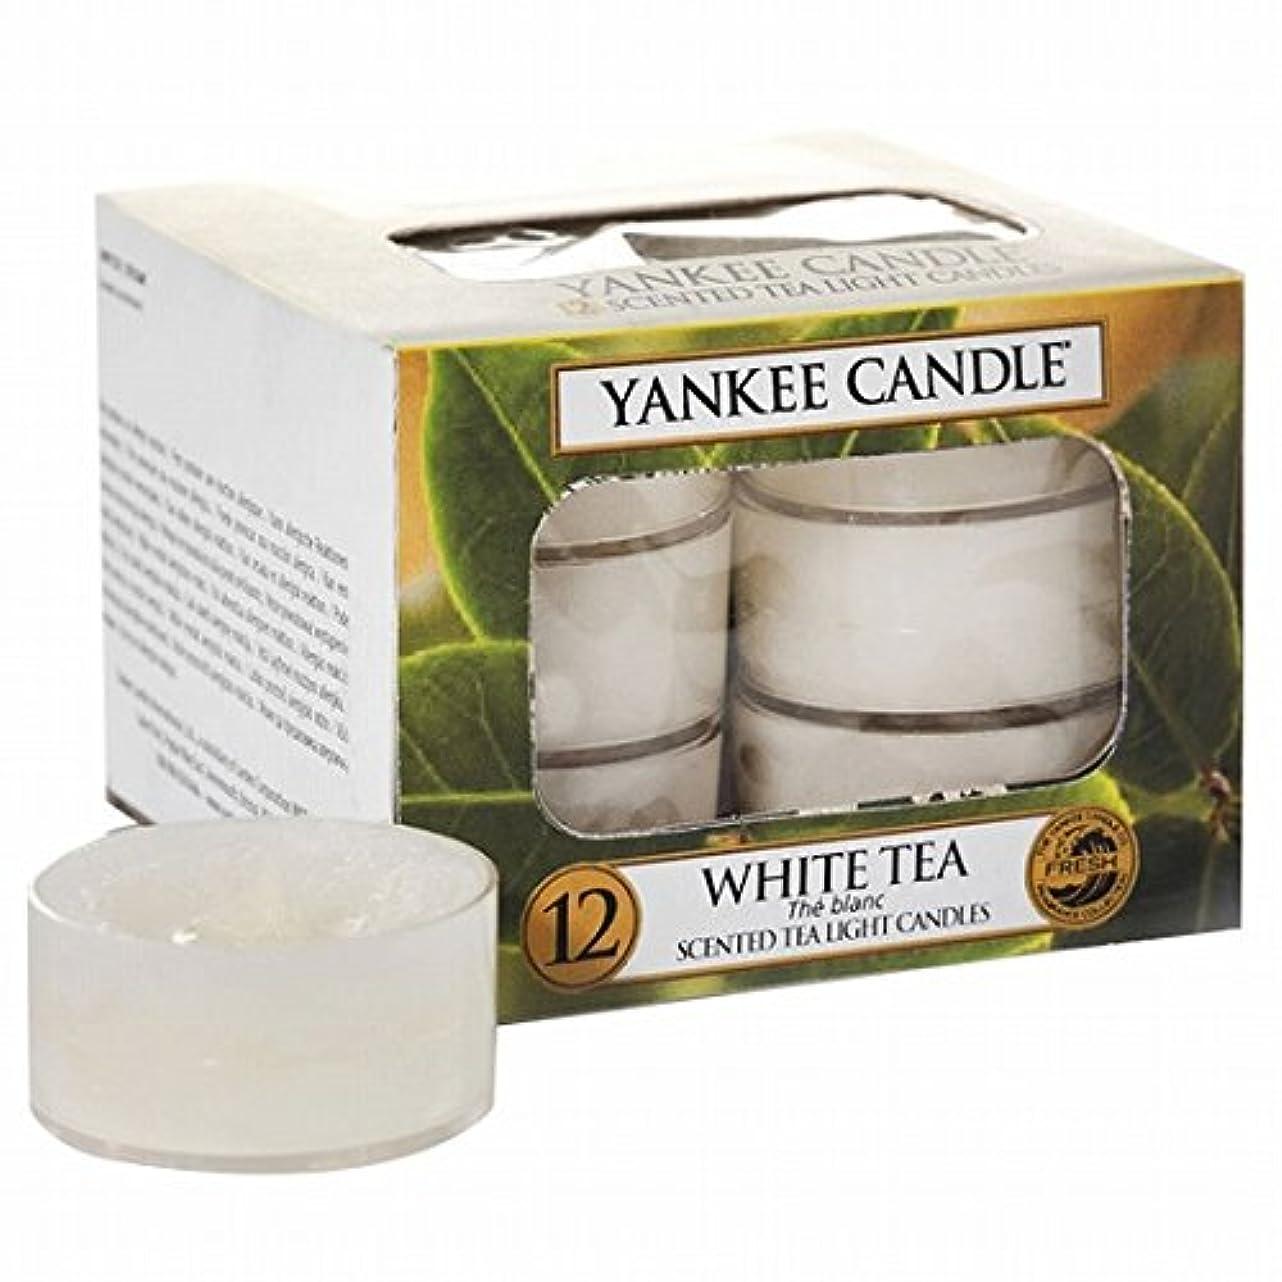 目に見える中級水っぽいヤンキーキャンドル(YANKEE CANDLE) YANKEE CANDLE クリアカップティーライト12個入り 「ホワイトティー」